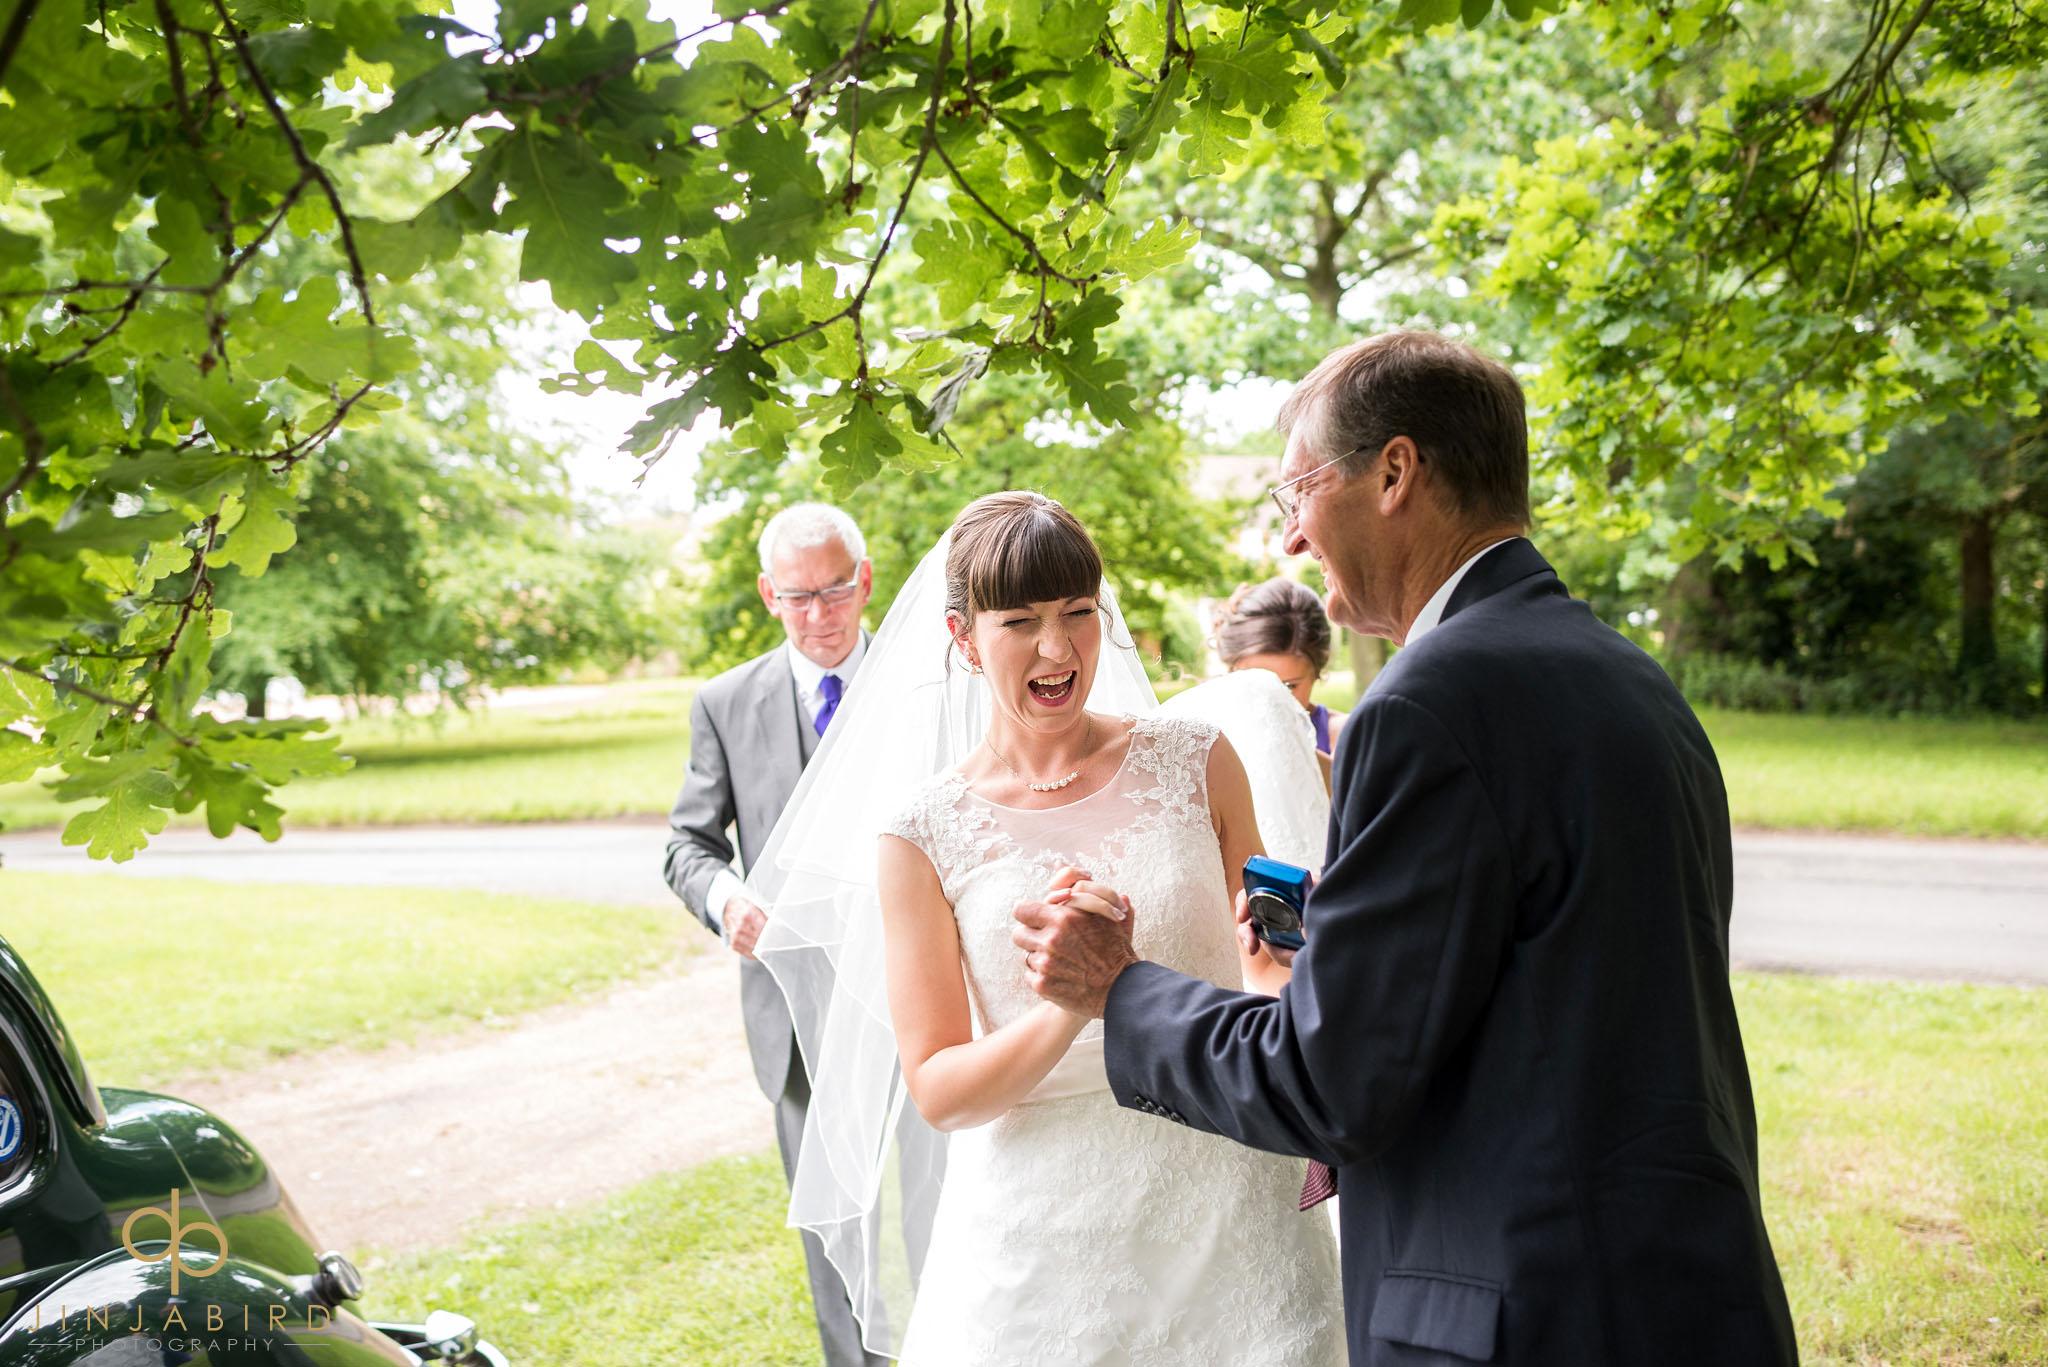 wedding photos st-mary magdalene church hilton